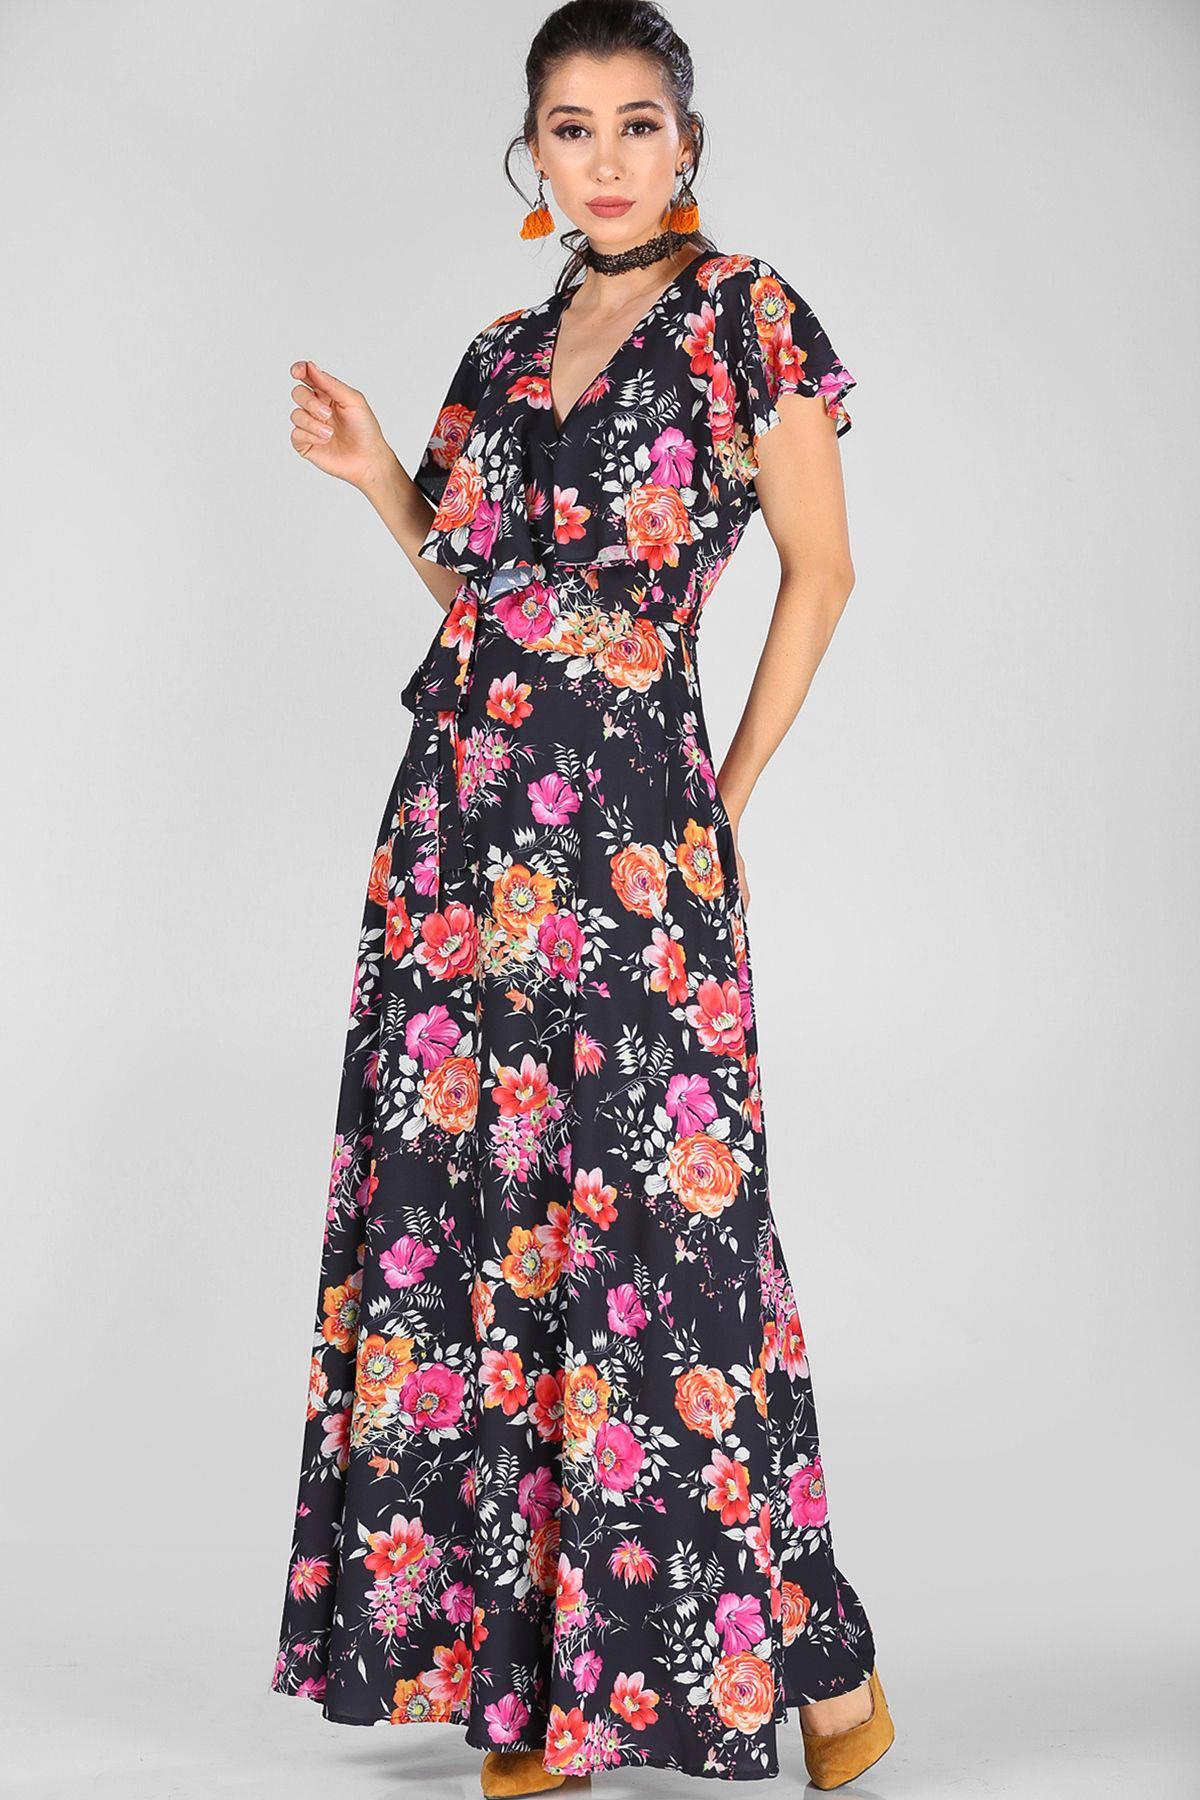 2019 Patırtı elbise modelleri